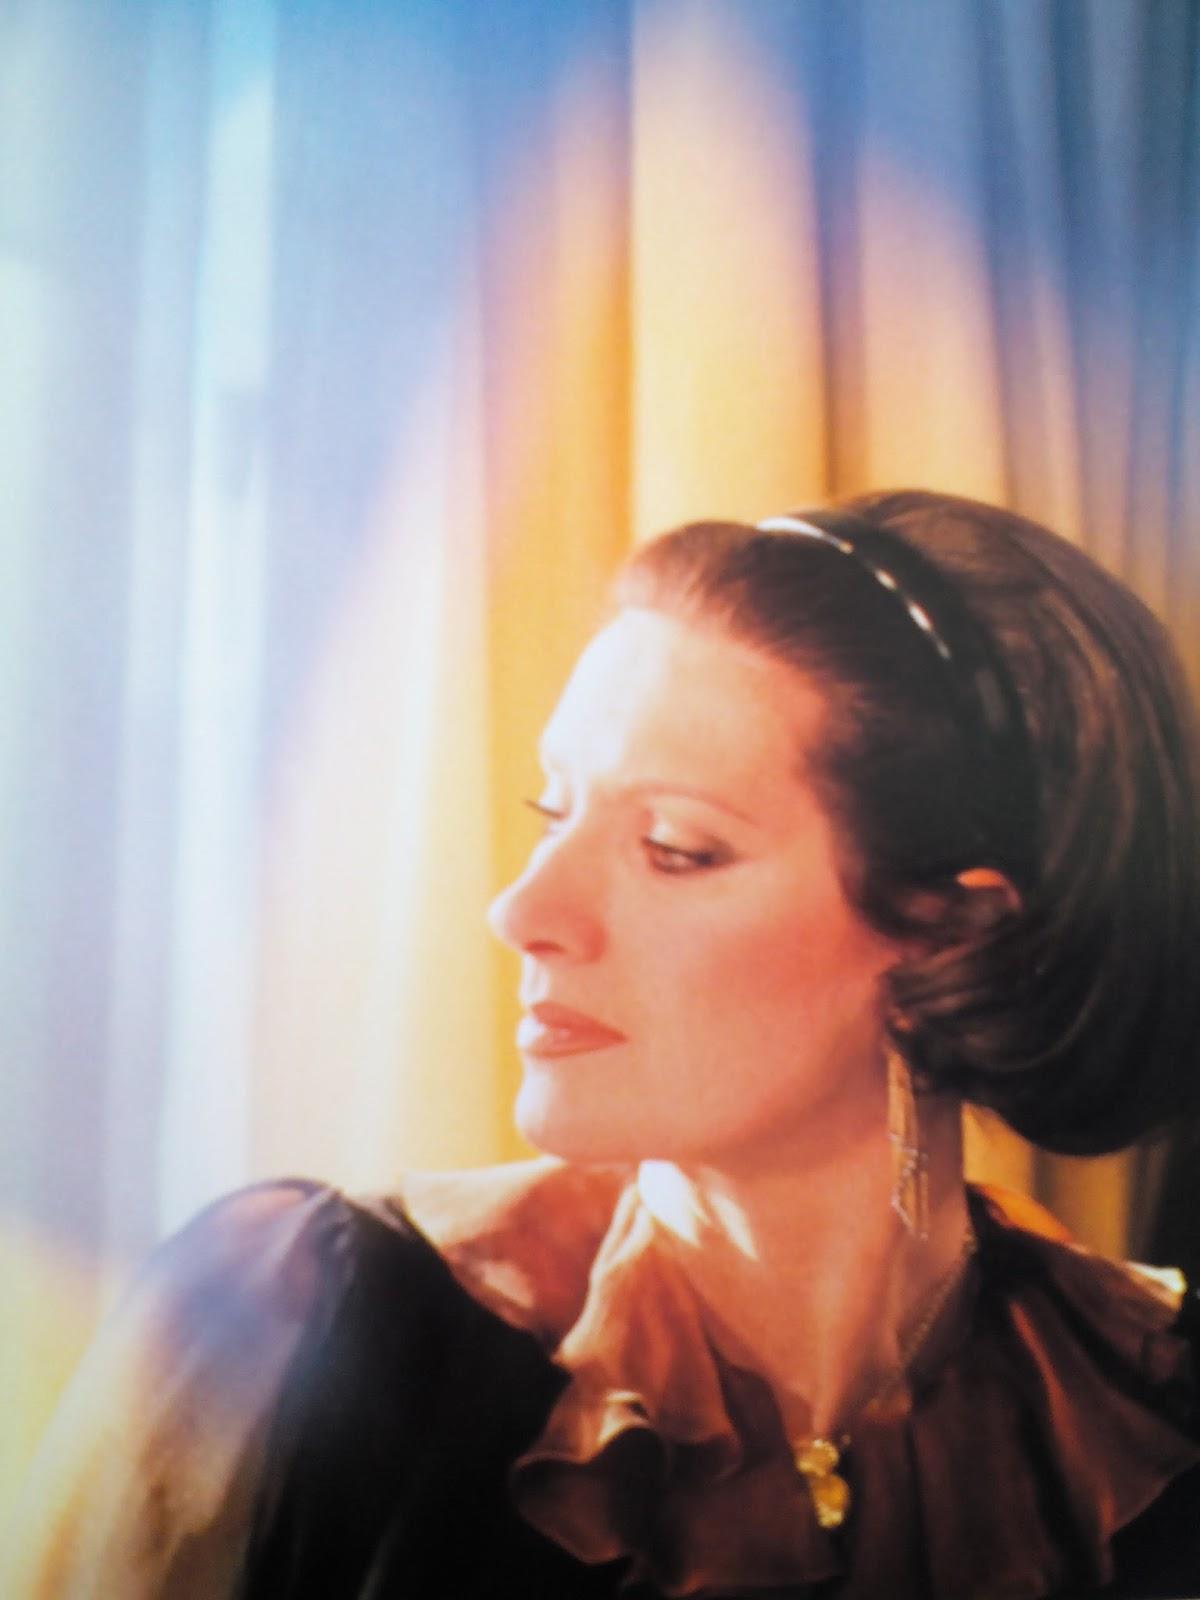 CelebGate Amanda Cerny Sexy - 6 Pics GIFs images